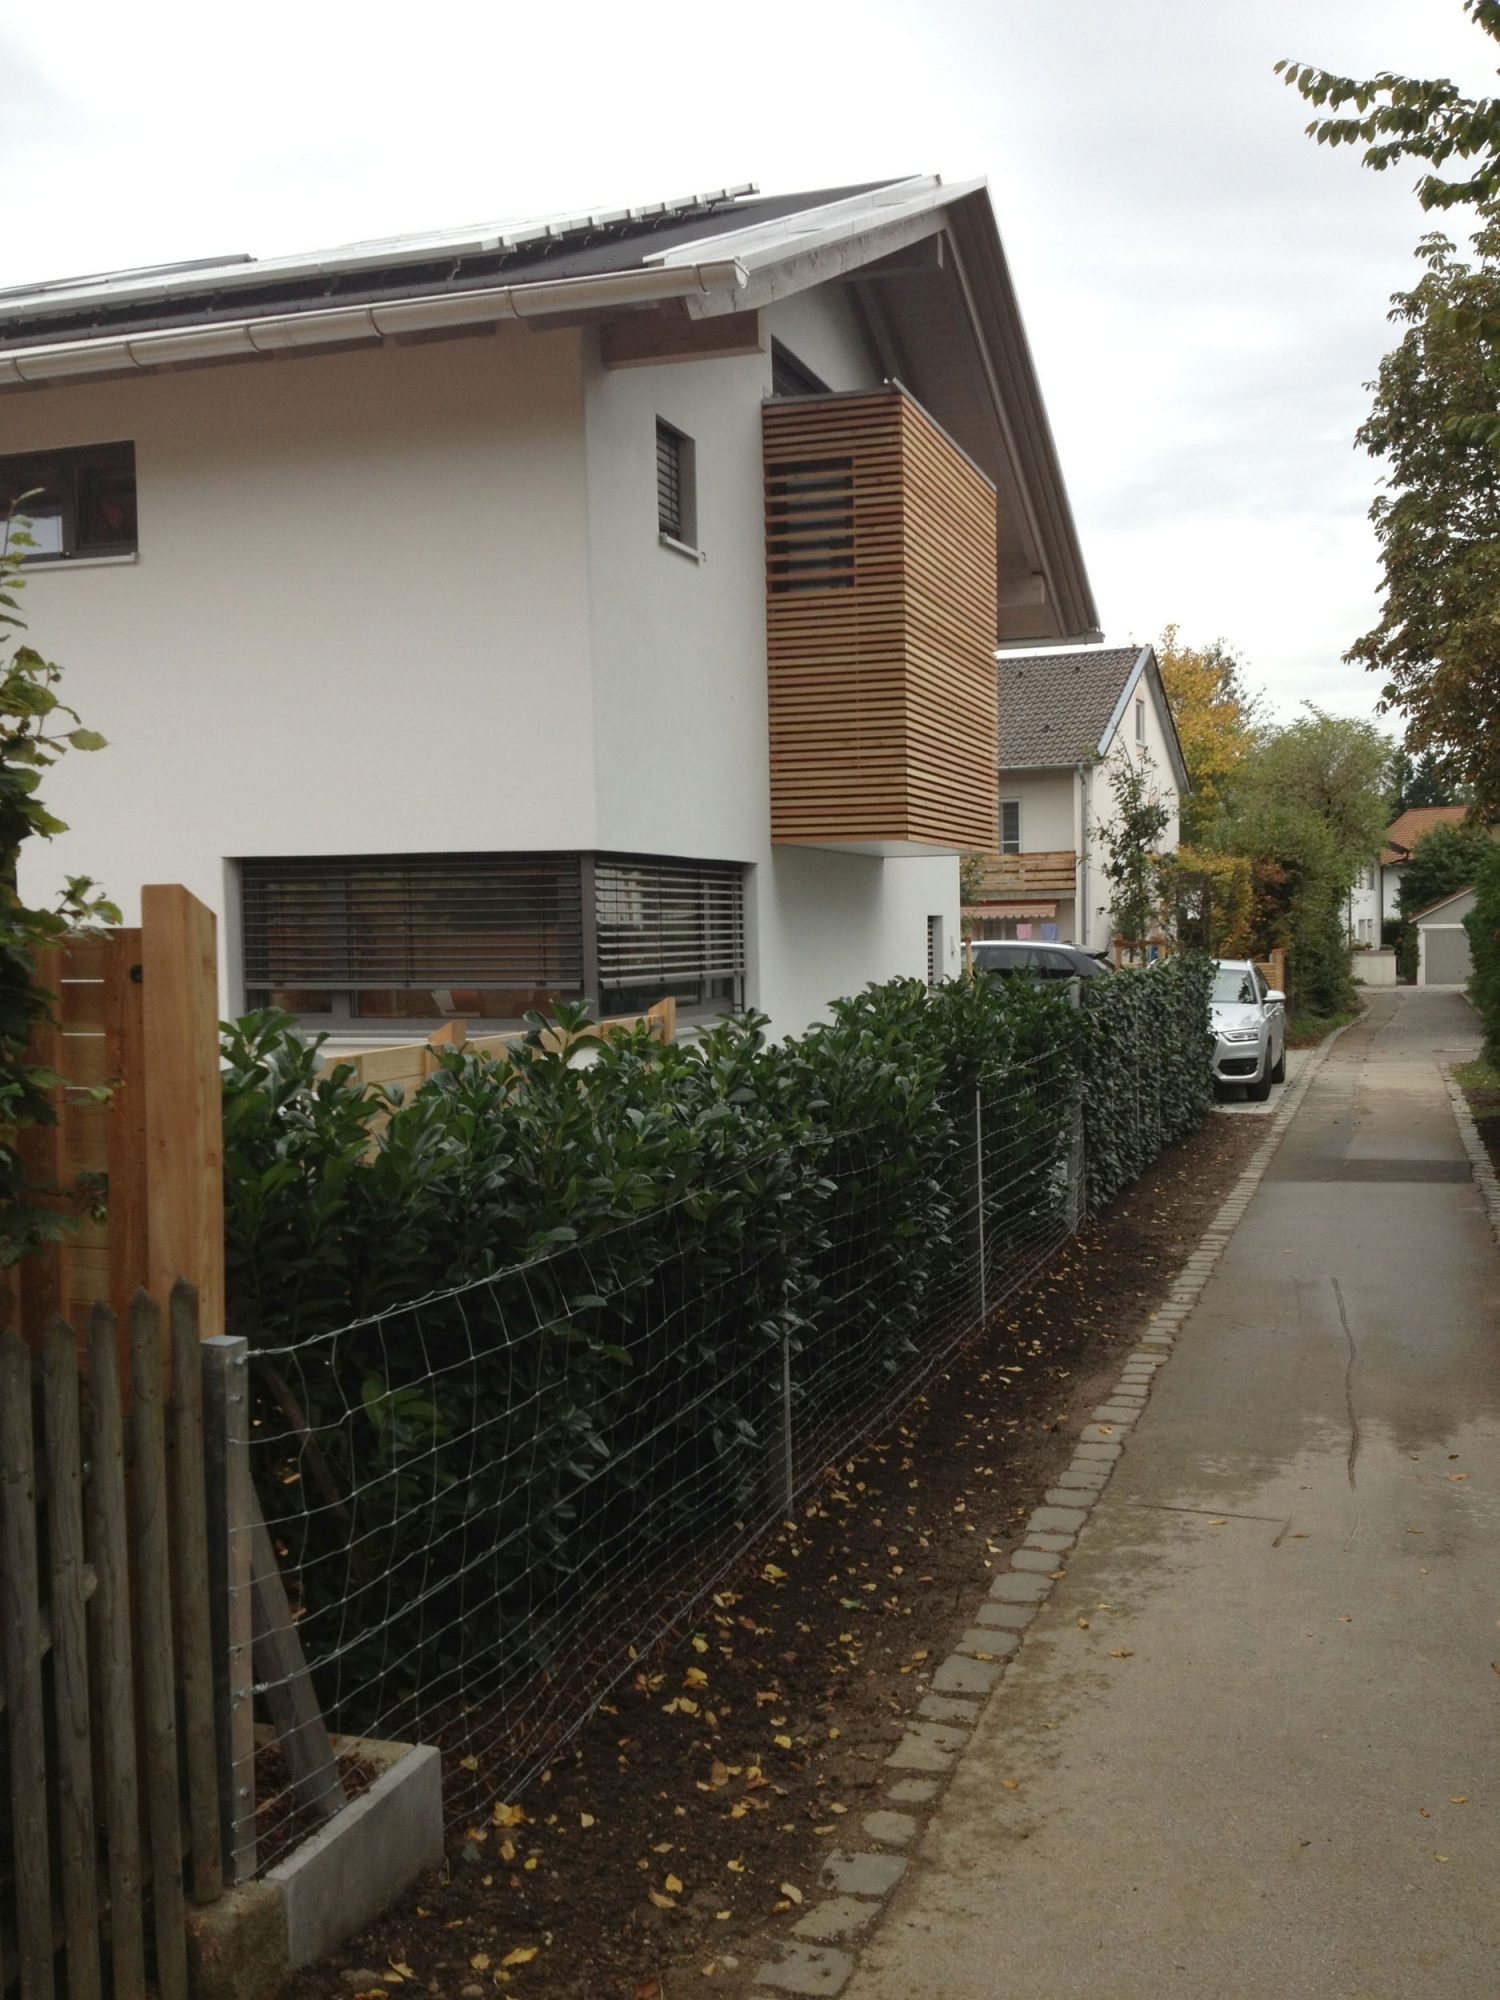 Architekt München Einfamilienhaus einfamilienhaus bei münchen abh hagleitner architekten